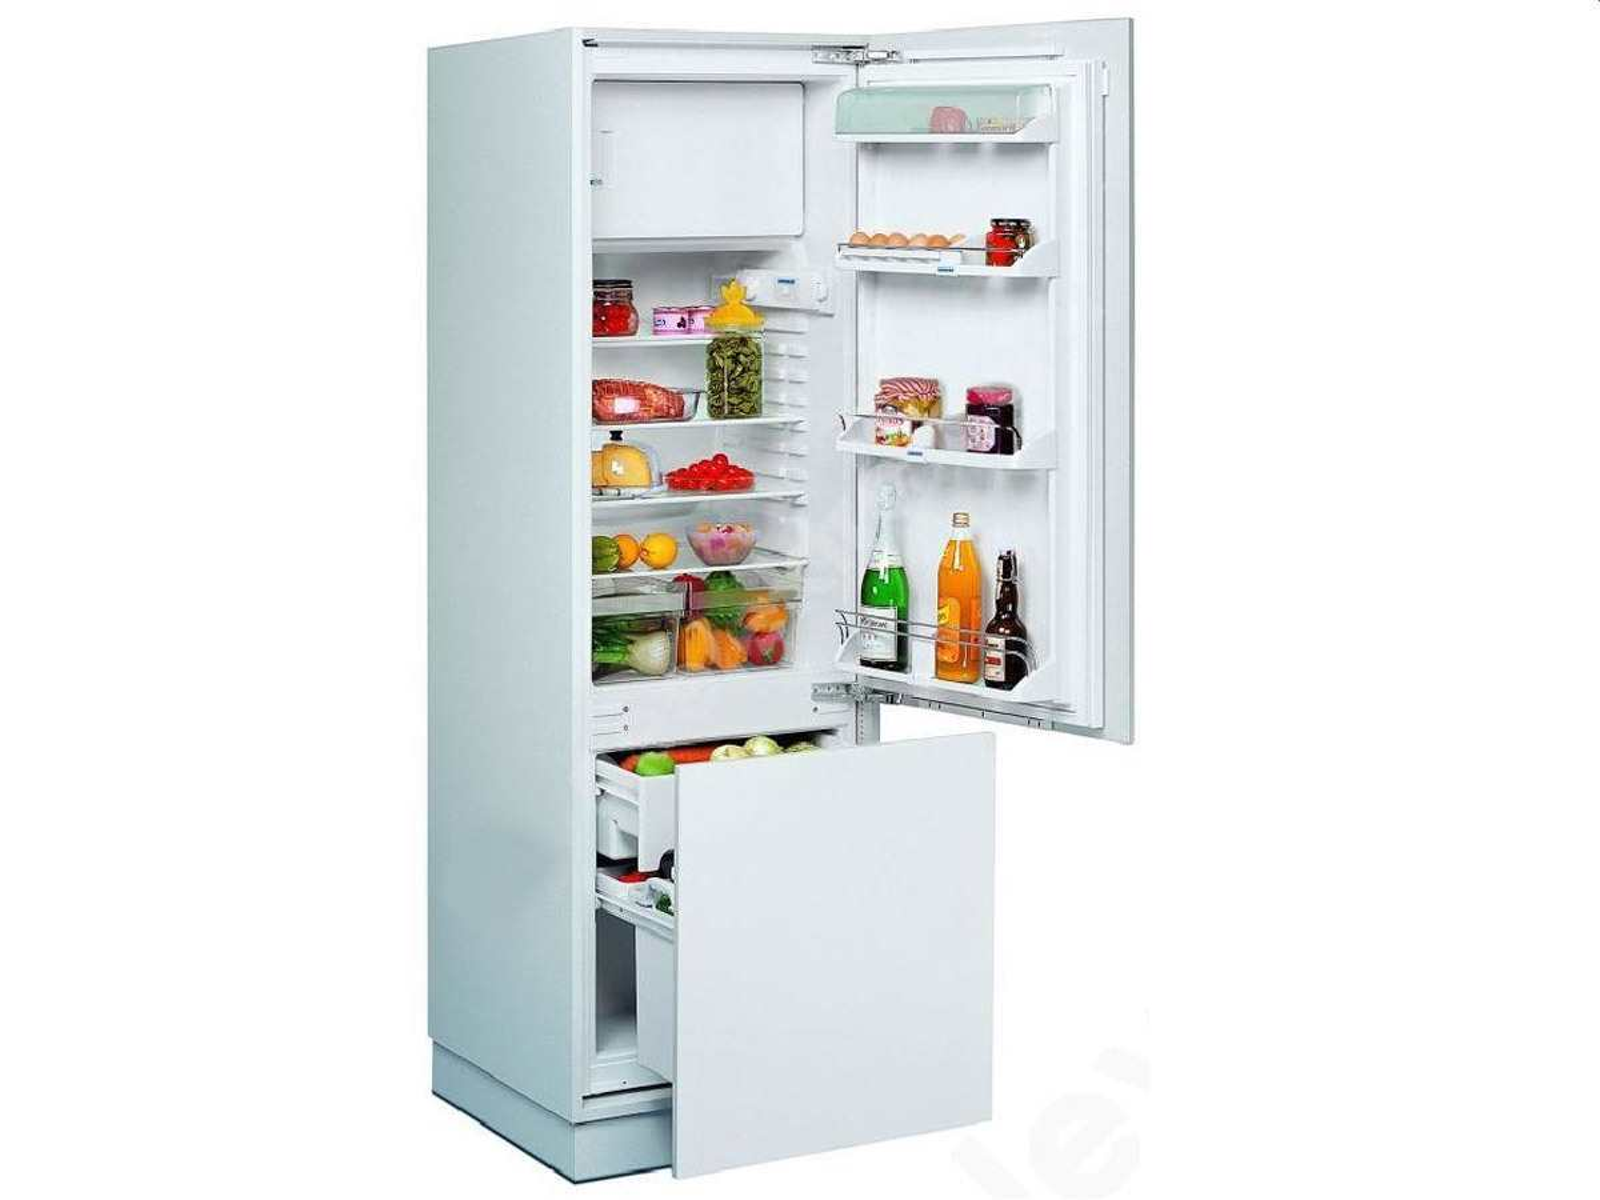 Kleiner Getränkekühlschrank : Kleiner kühlschrank in rheinland pfalz ebay kleinanzeigen